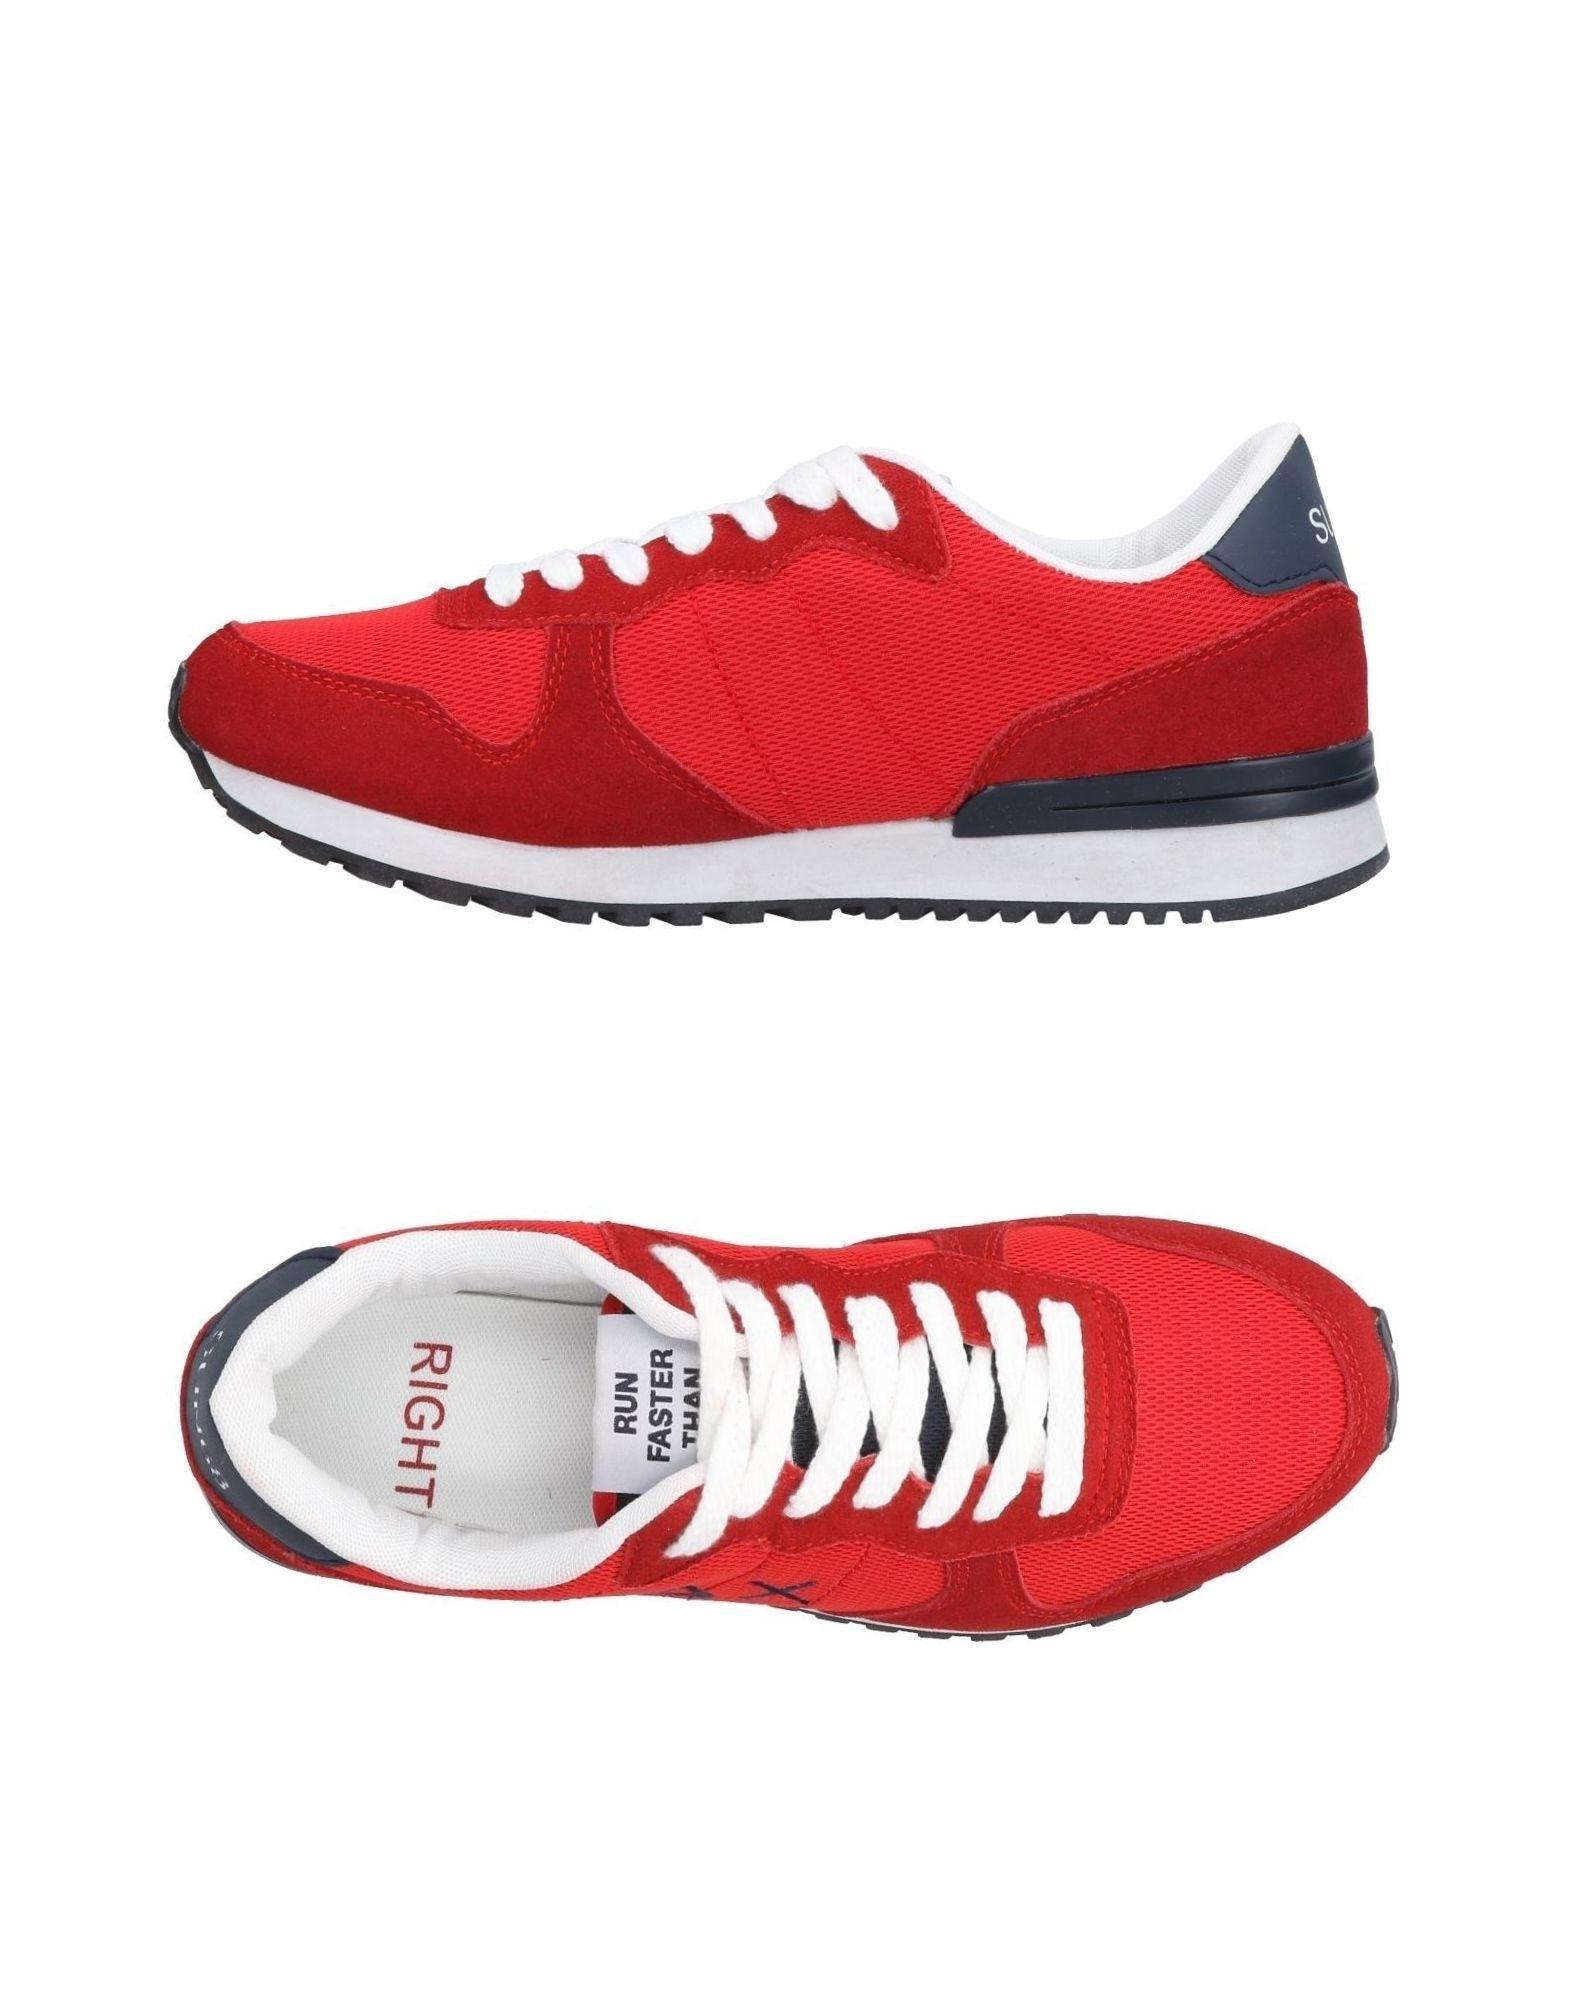 FOOTWEAR - Low-tops & sneakers Sun 68 h4EsuS